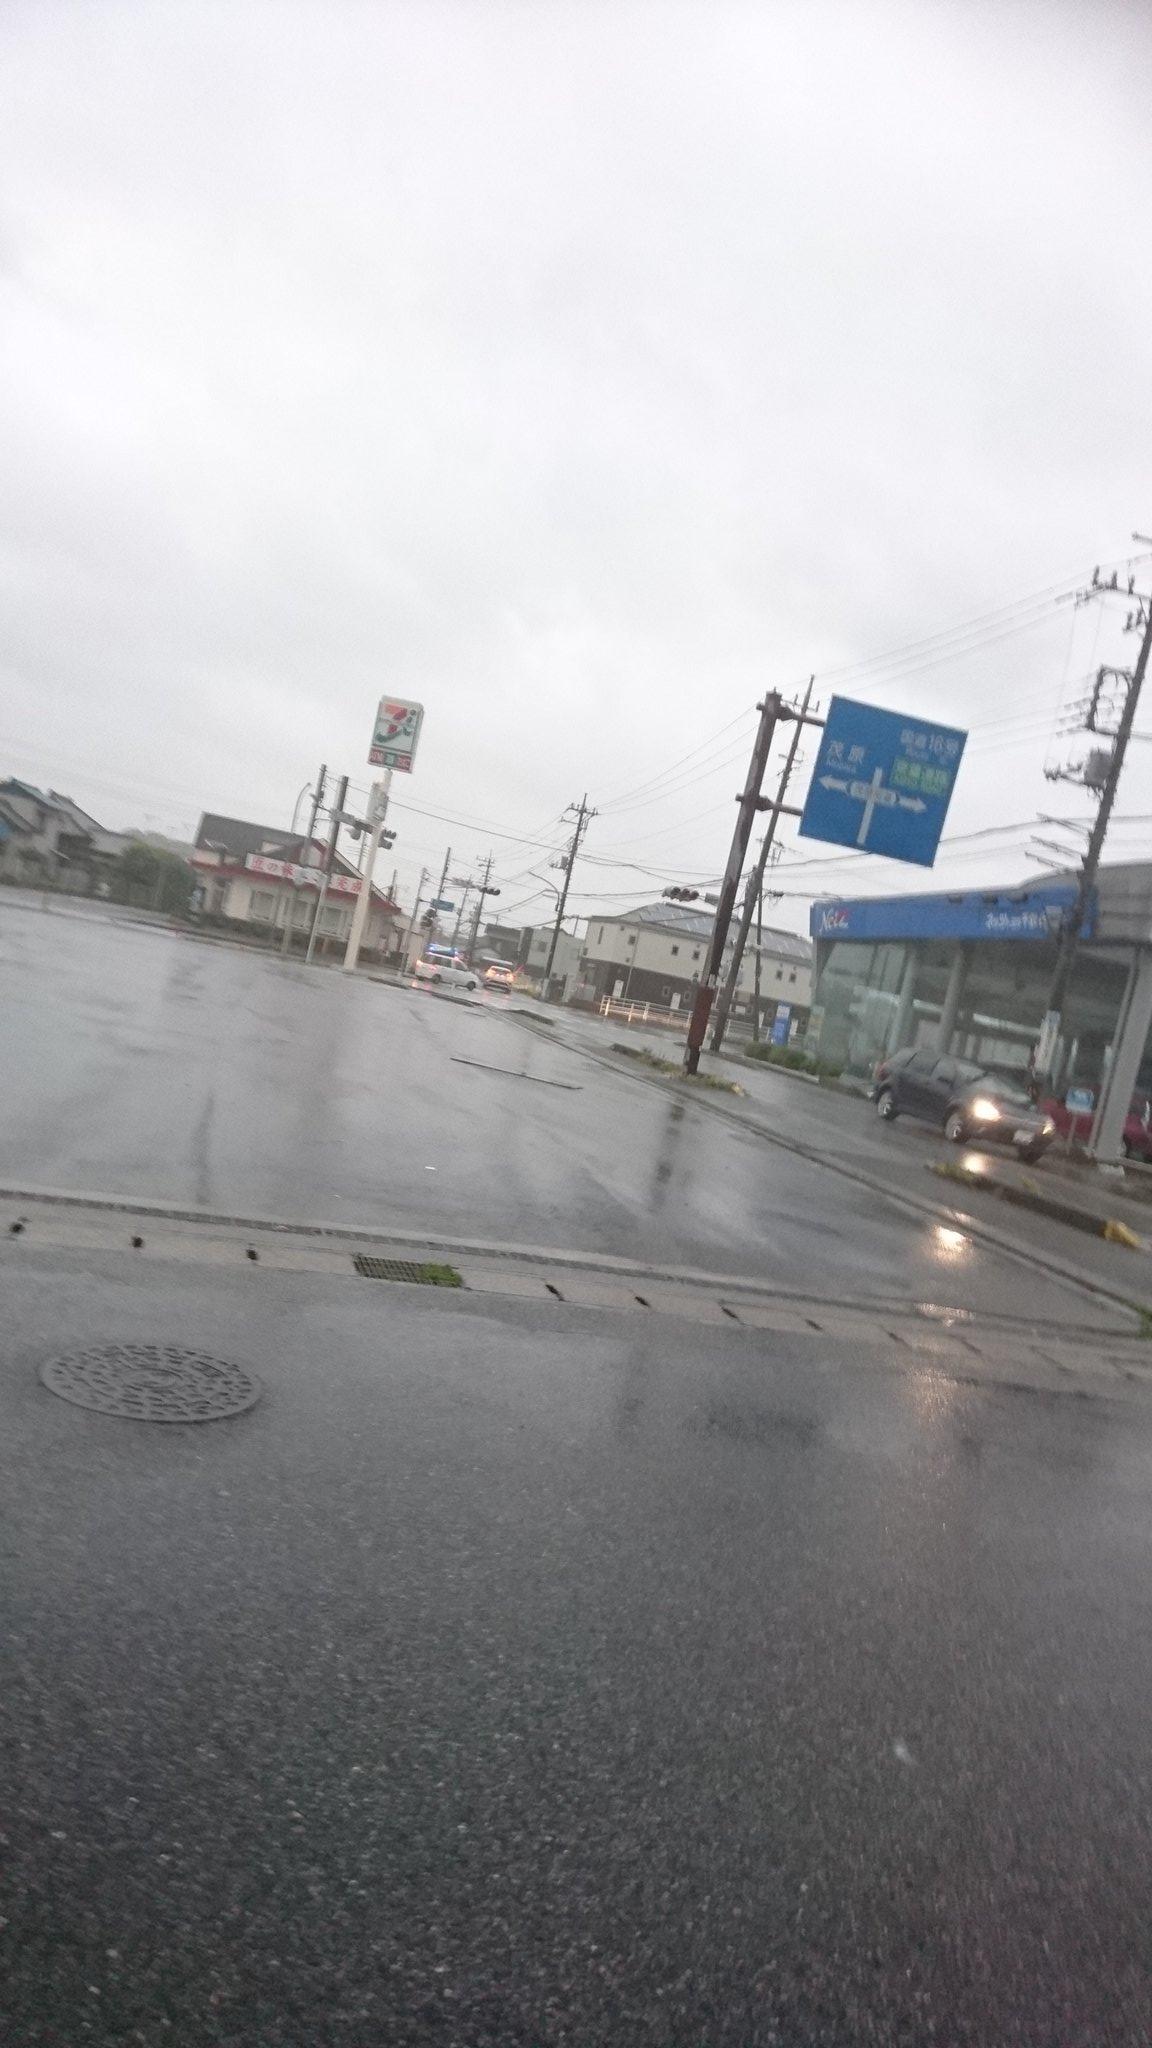 画像,千葉市緑区一帯も停電してます台風被害#台風15号 #千葉 https://t.co/tGXV7XUuDa。